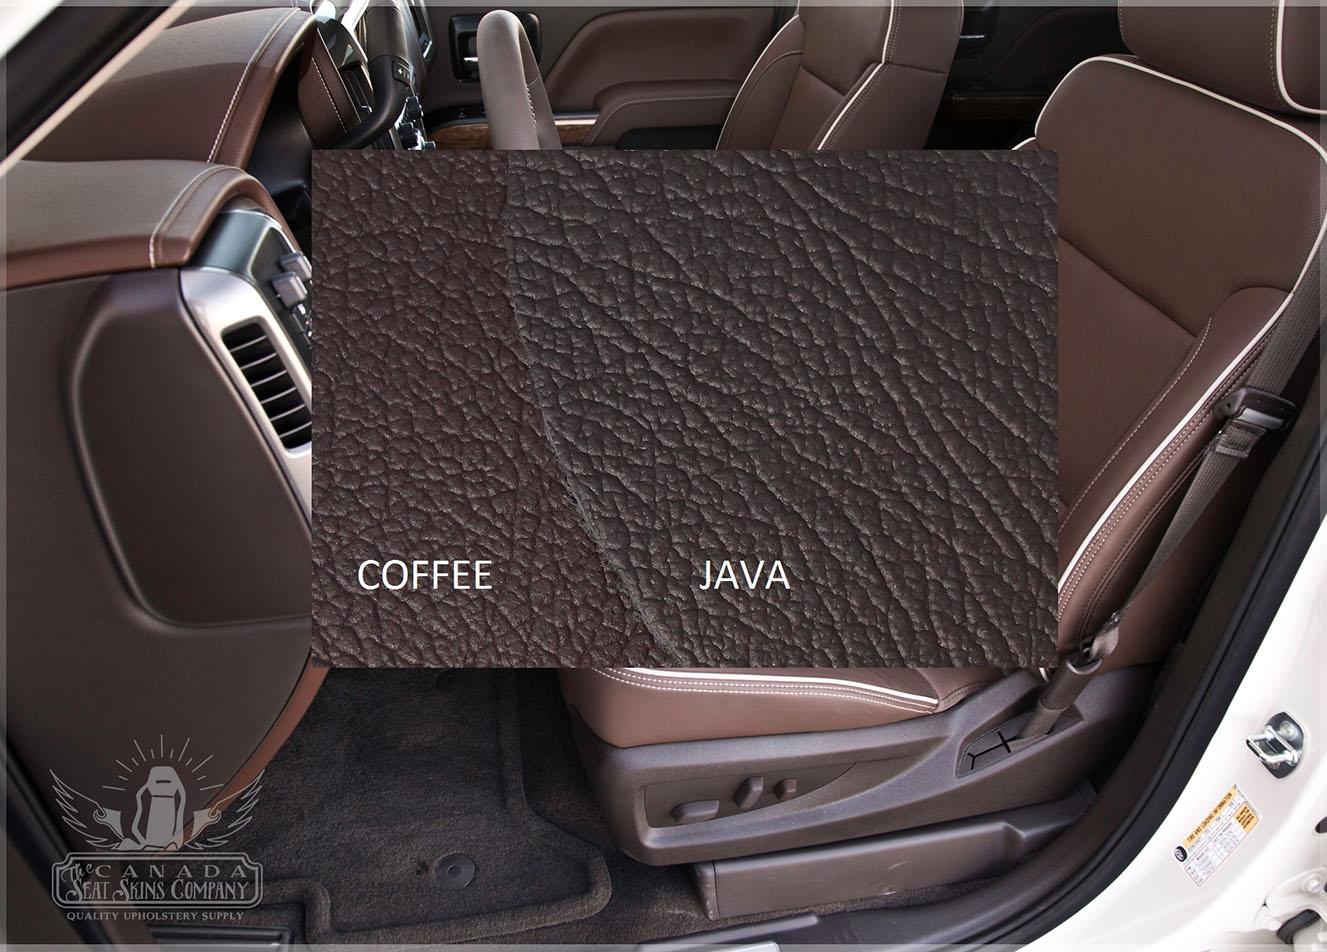 2014 - 2017 GMC Sierra Custom Leather Upholstery